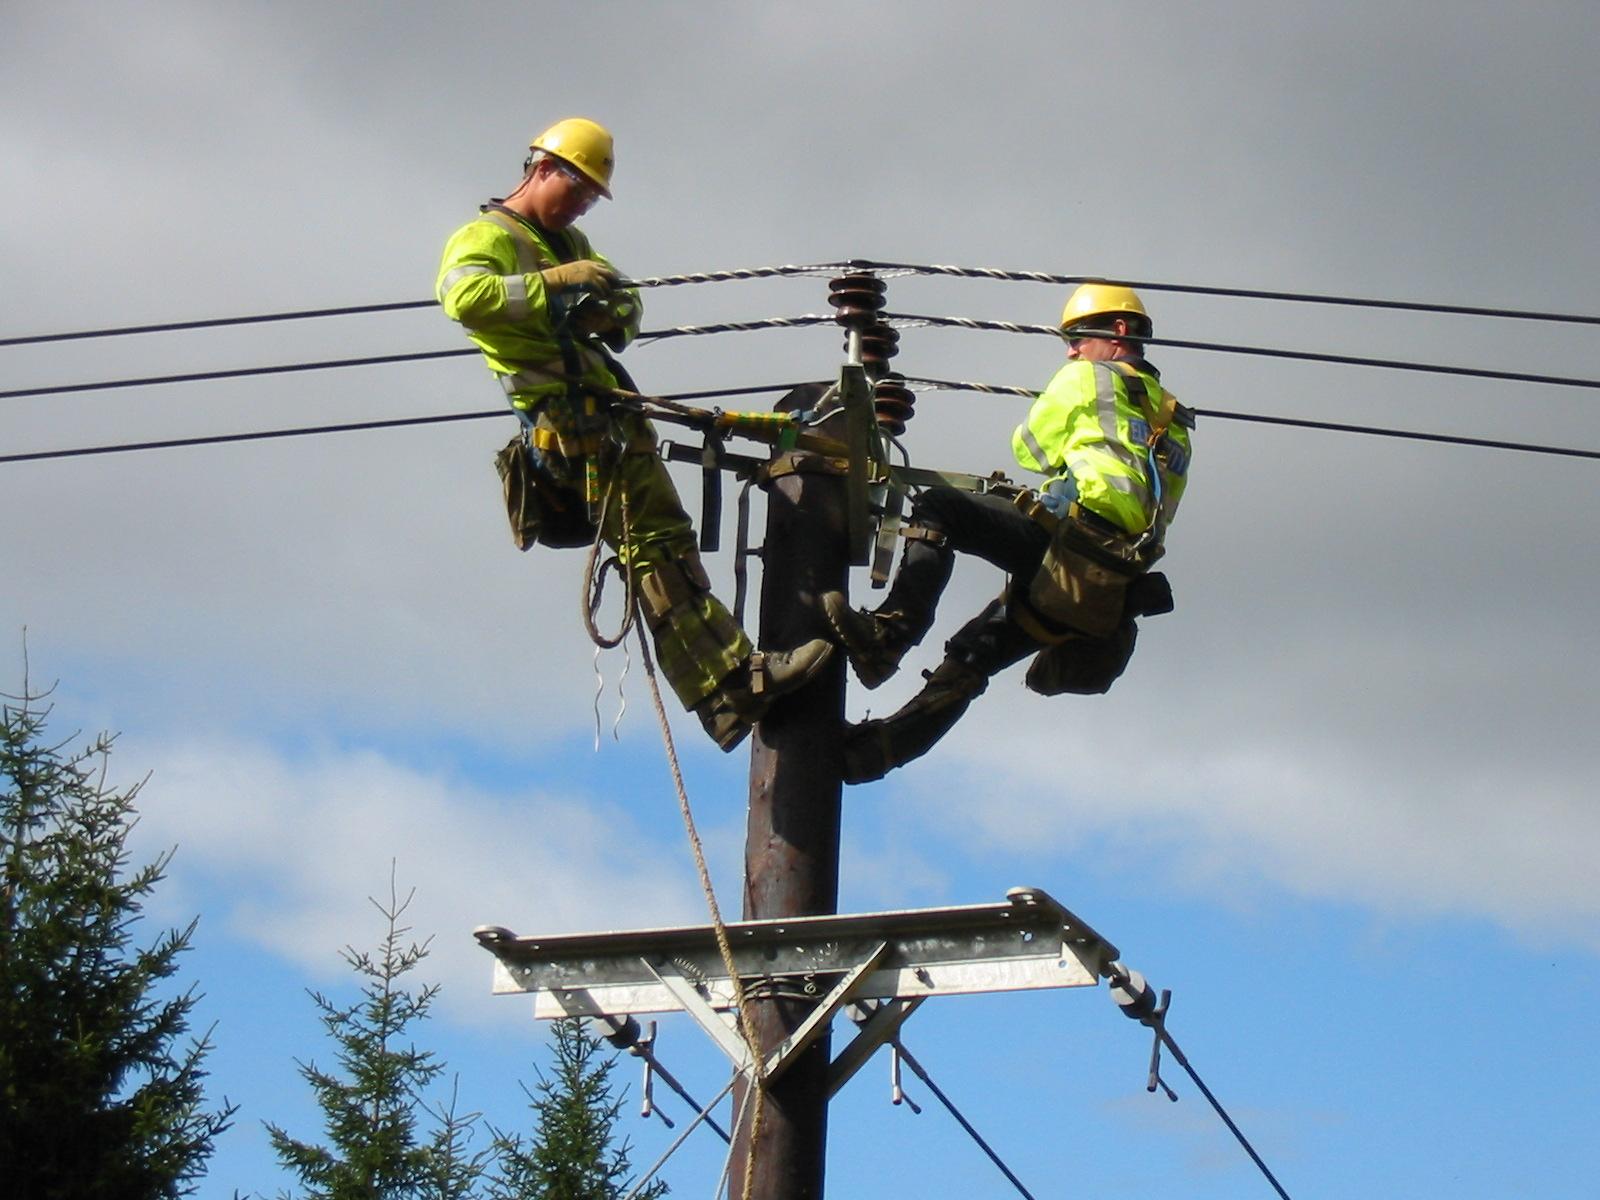 قطع و وصل شدن برق قسمتی از شهر در ساعات گذشته و پاسخ مسئولین